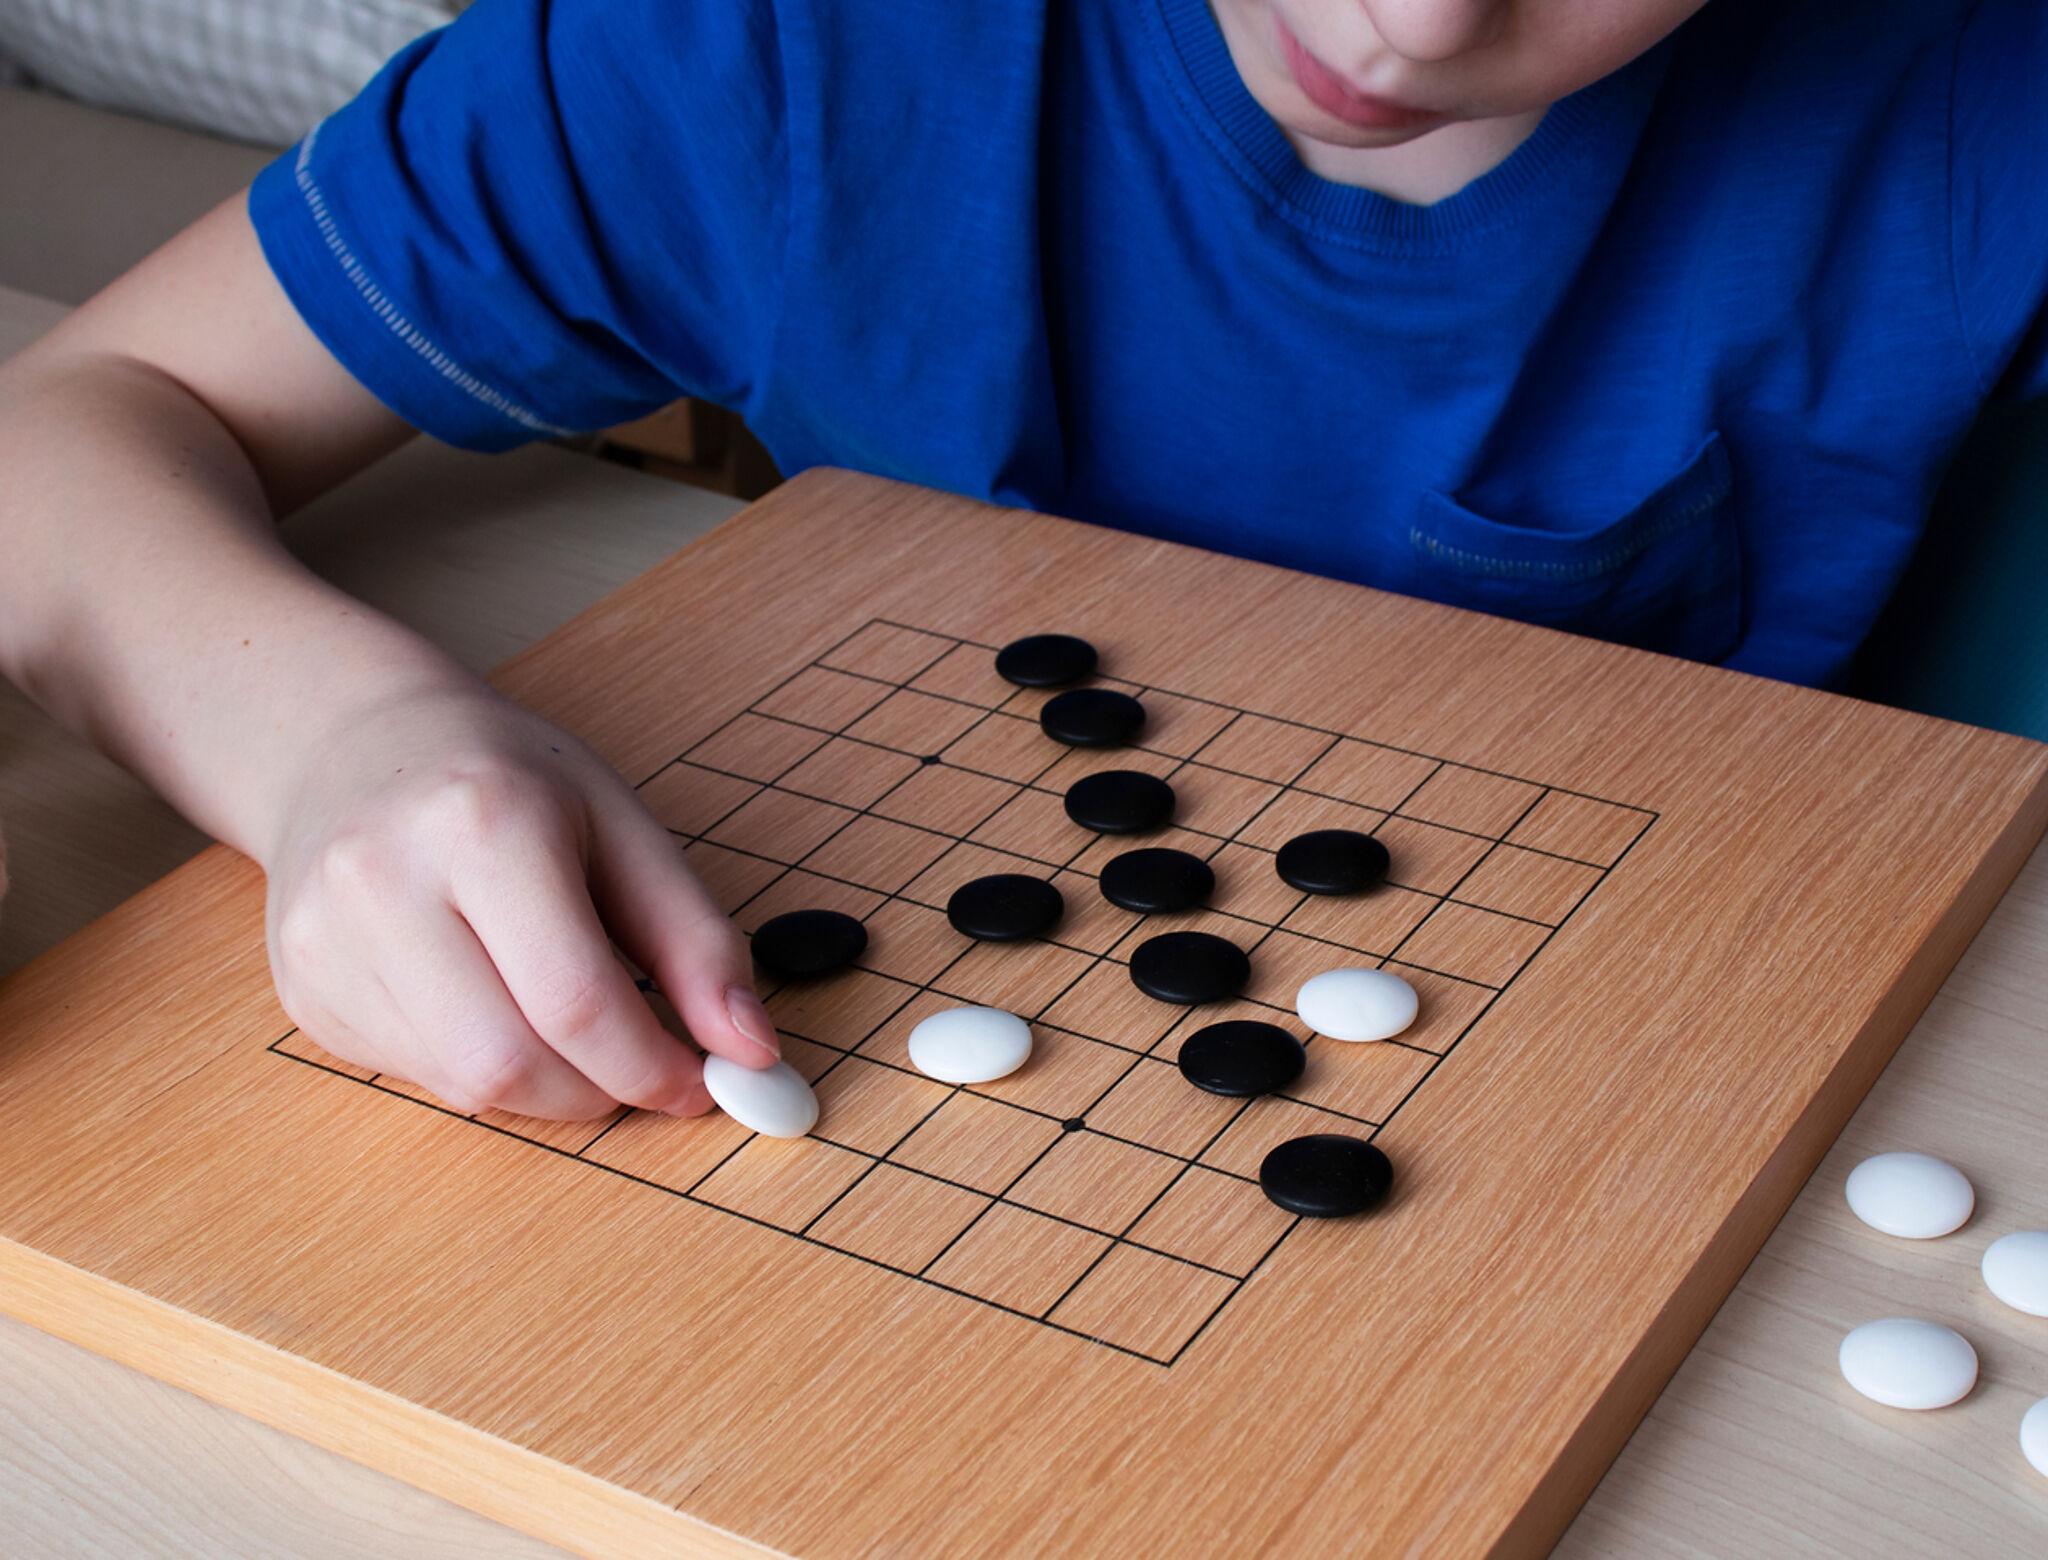 子どもが将棋で遊んでいる画像